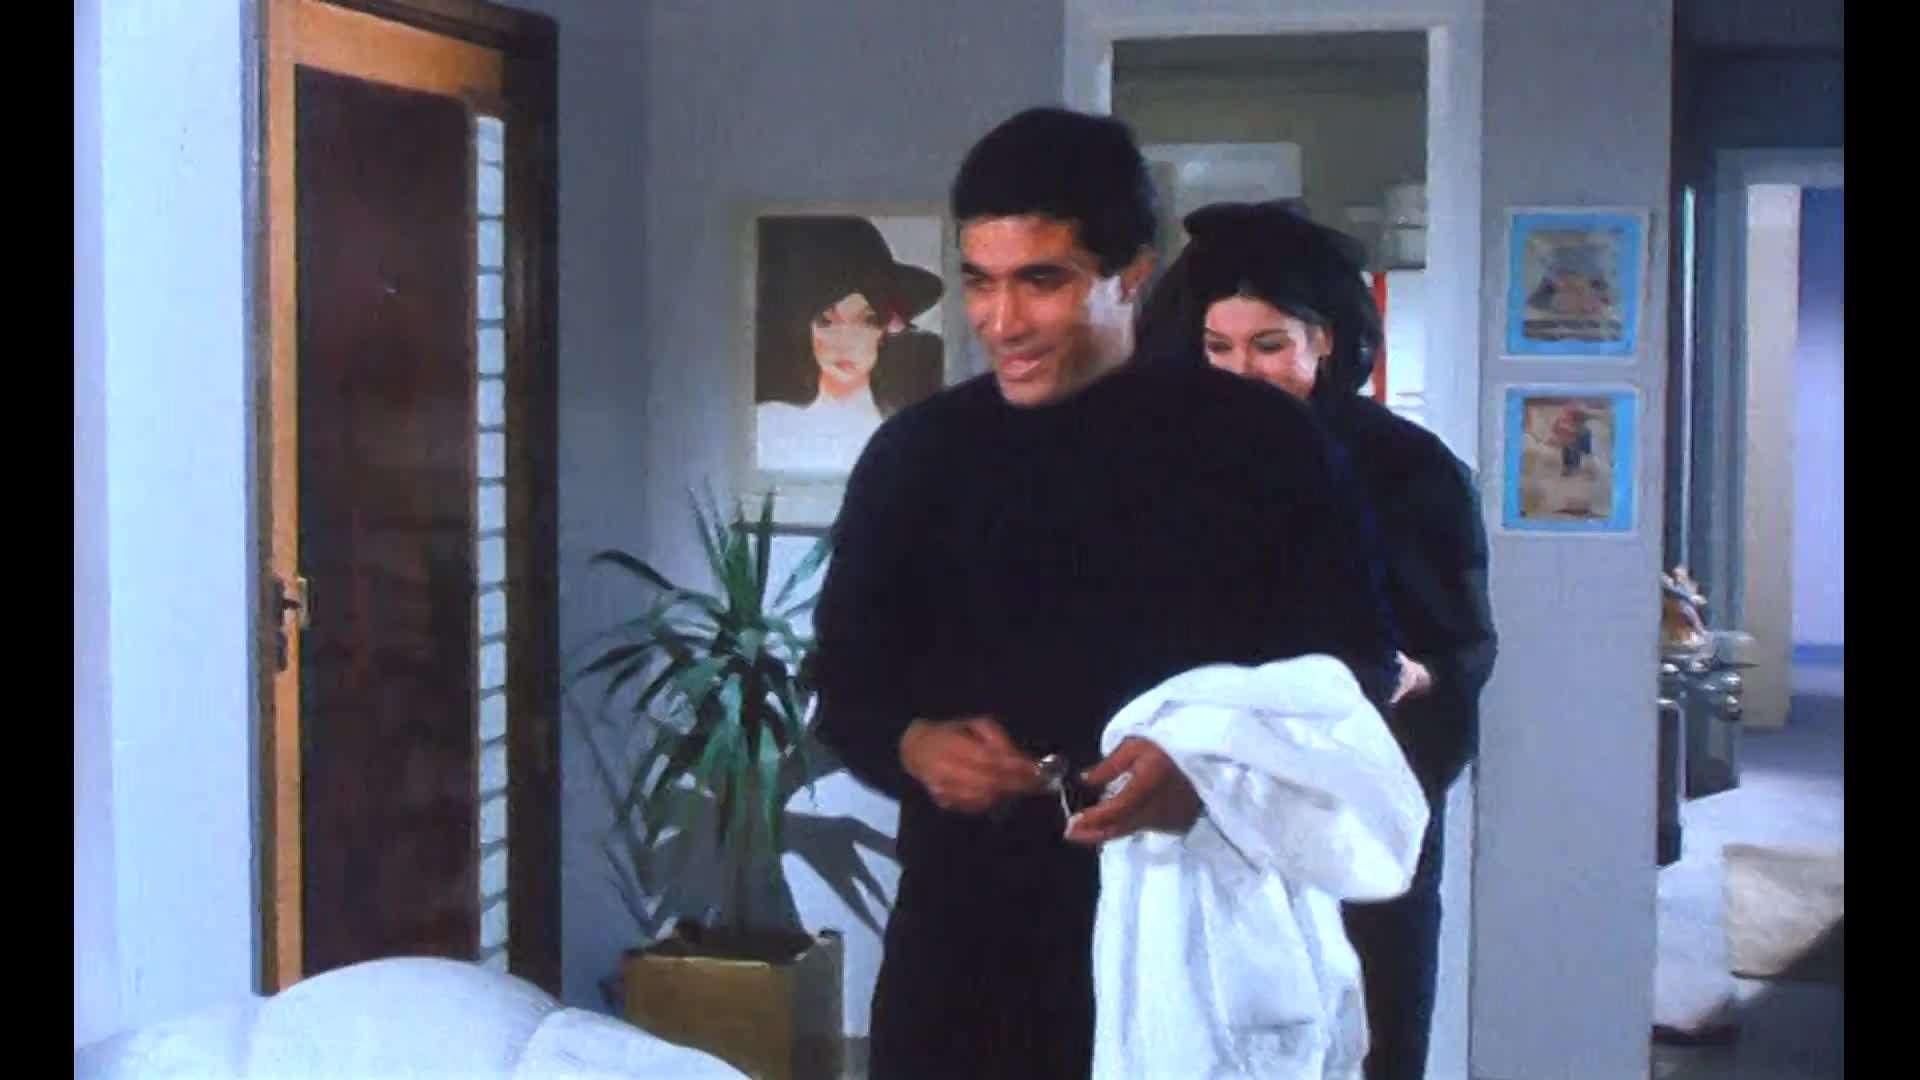 [فيلم][تورنت][تحميل][امرأة واحدة لا تكفي][1990][1080p][Web-DL] 11 arabp2p.com